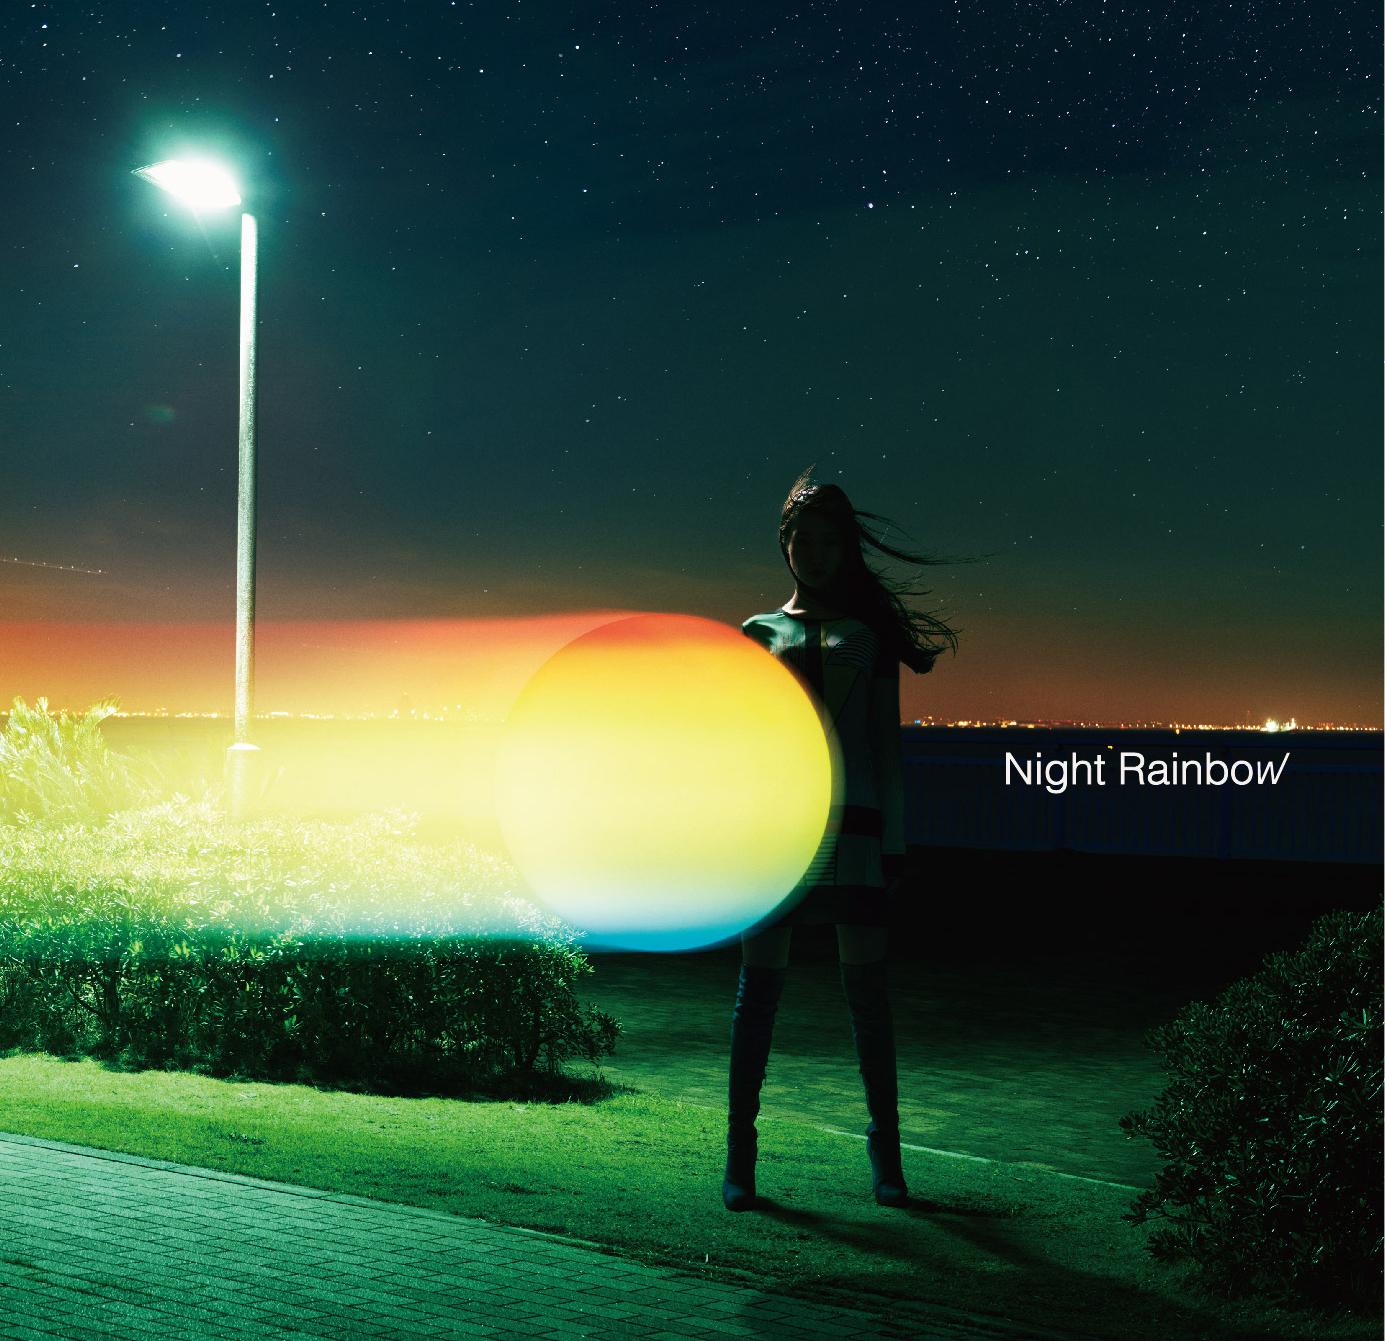 『NIGHT RAINBOW』